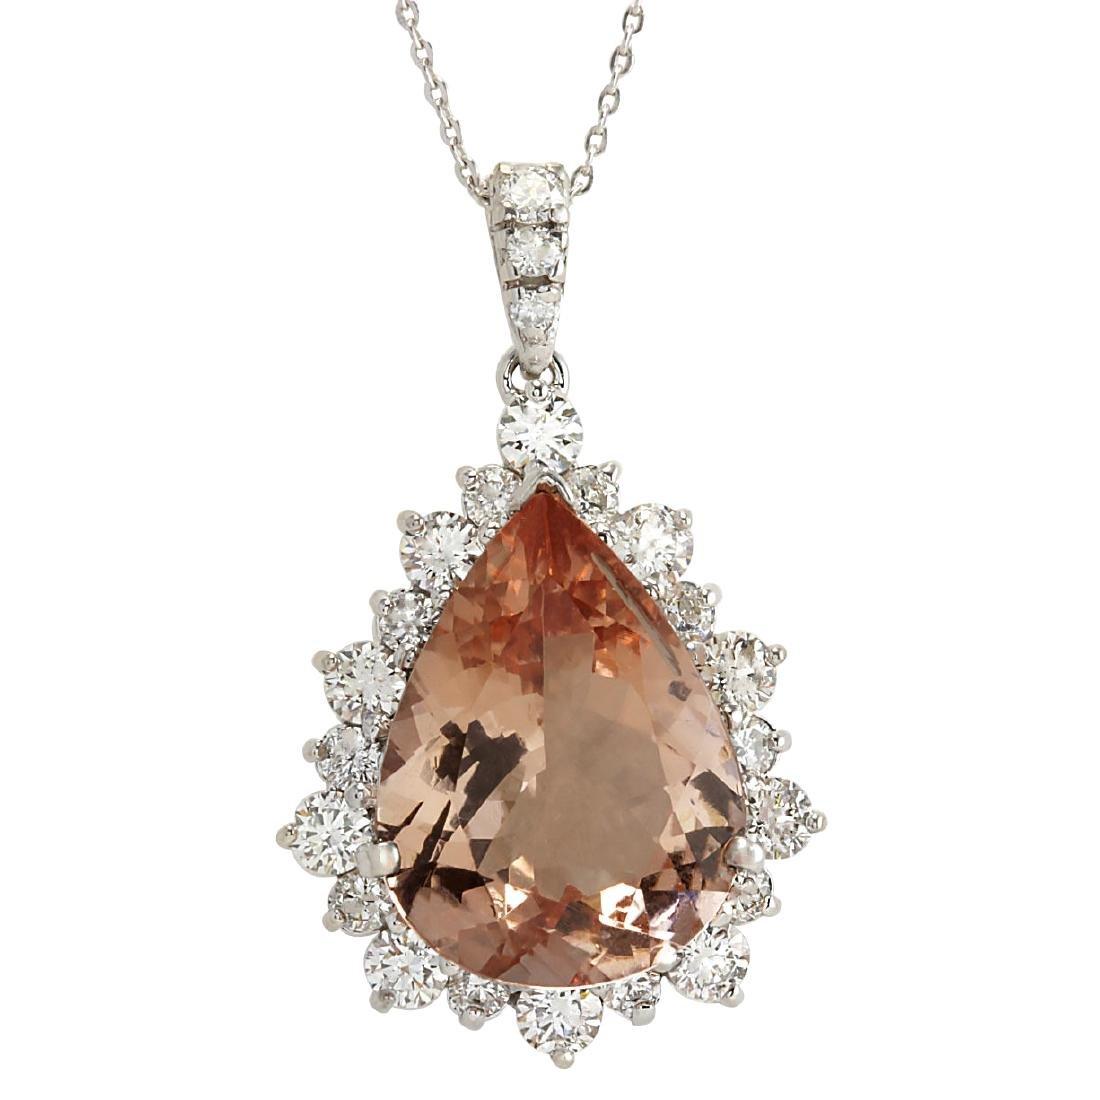 13.42CTW Natural Morganite And Diamond Pendant In 18K